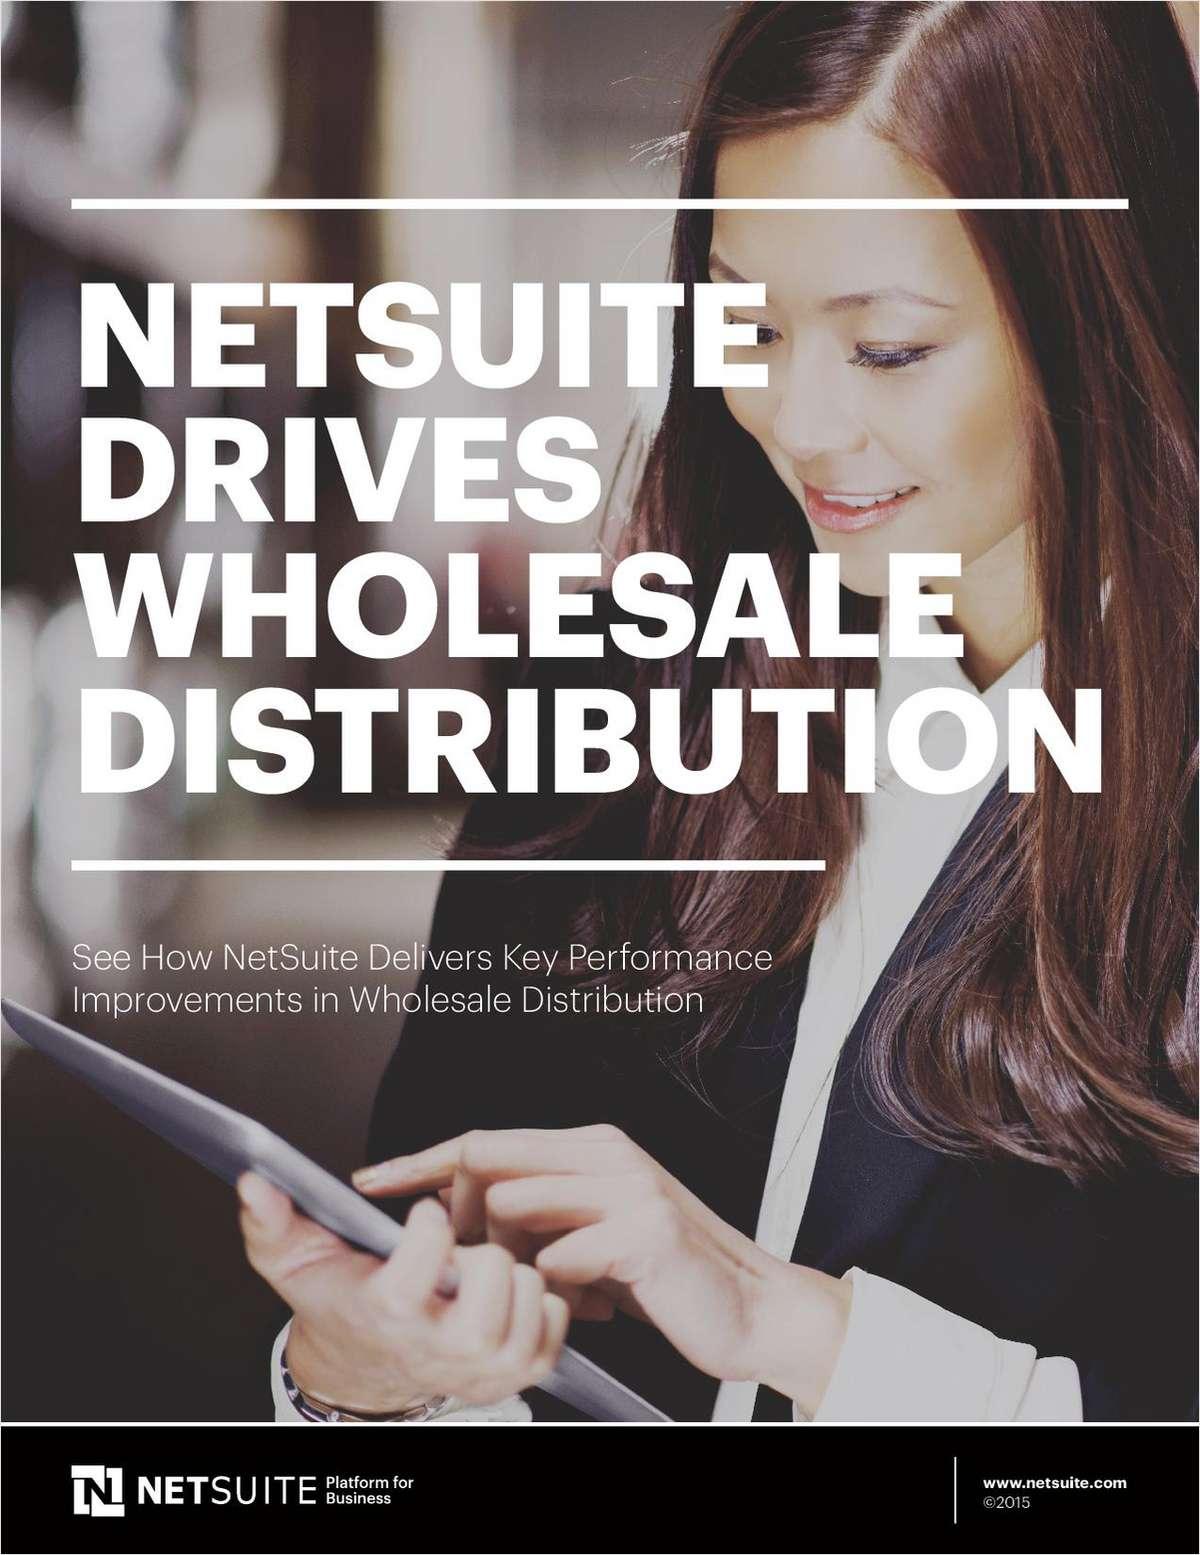 NetSuite Drives Wholesale Distribution